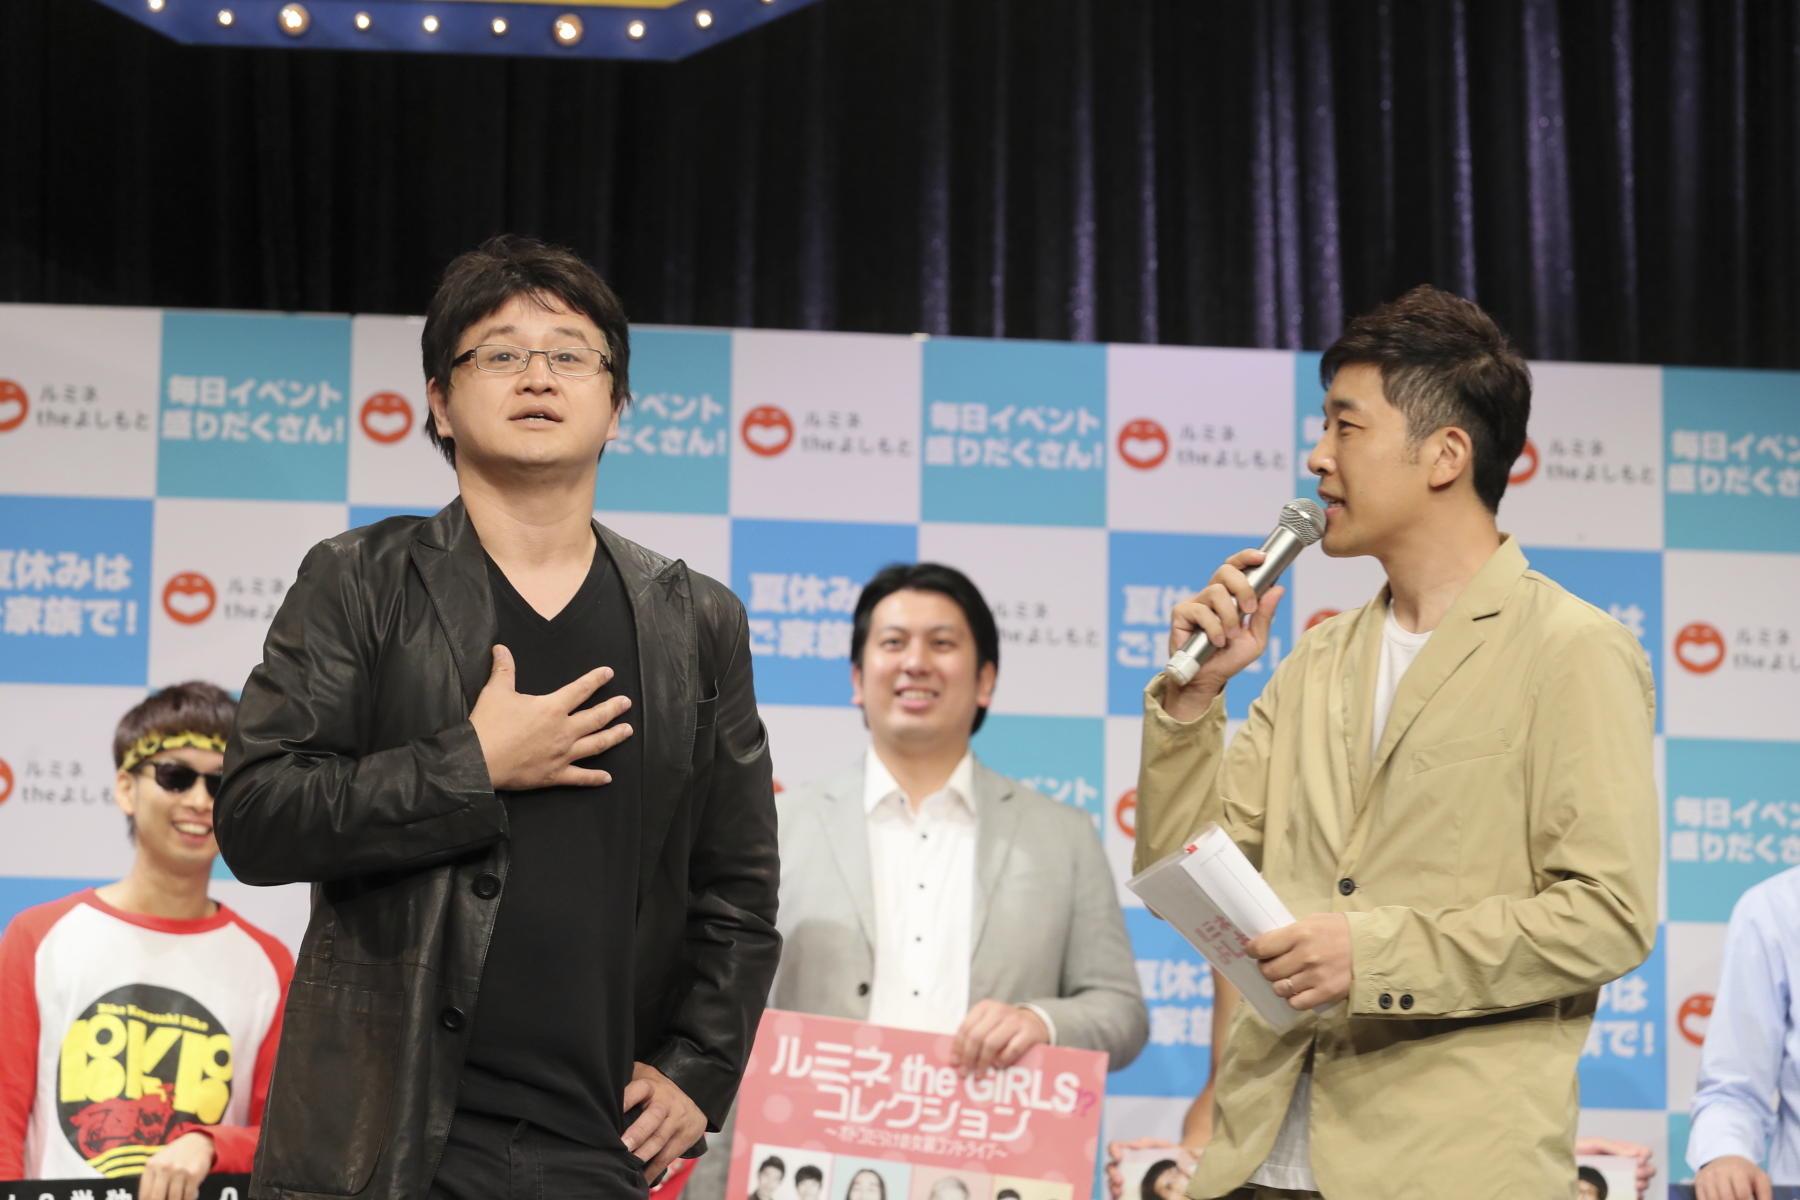 http://news.yoshimoto.co.jp/20180703192729-346609e1d9aa58eaecad176d3ac926f4278ea964.jpg